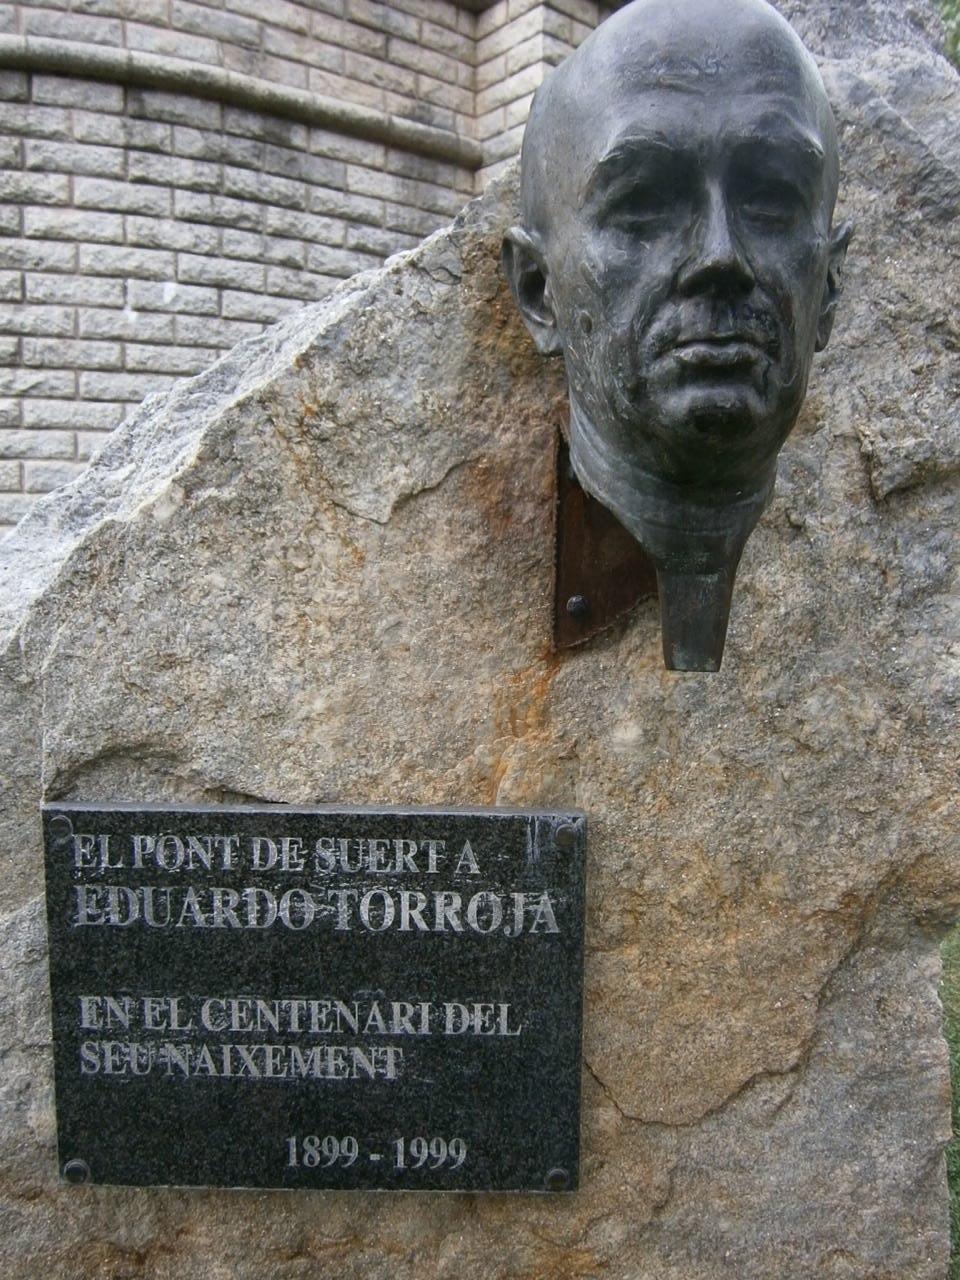 Eduard Torroja El Pont de Suert